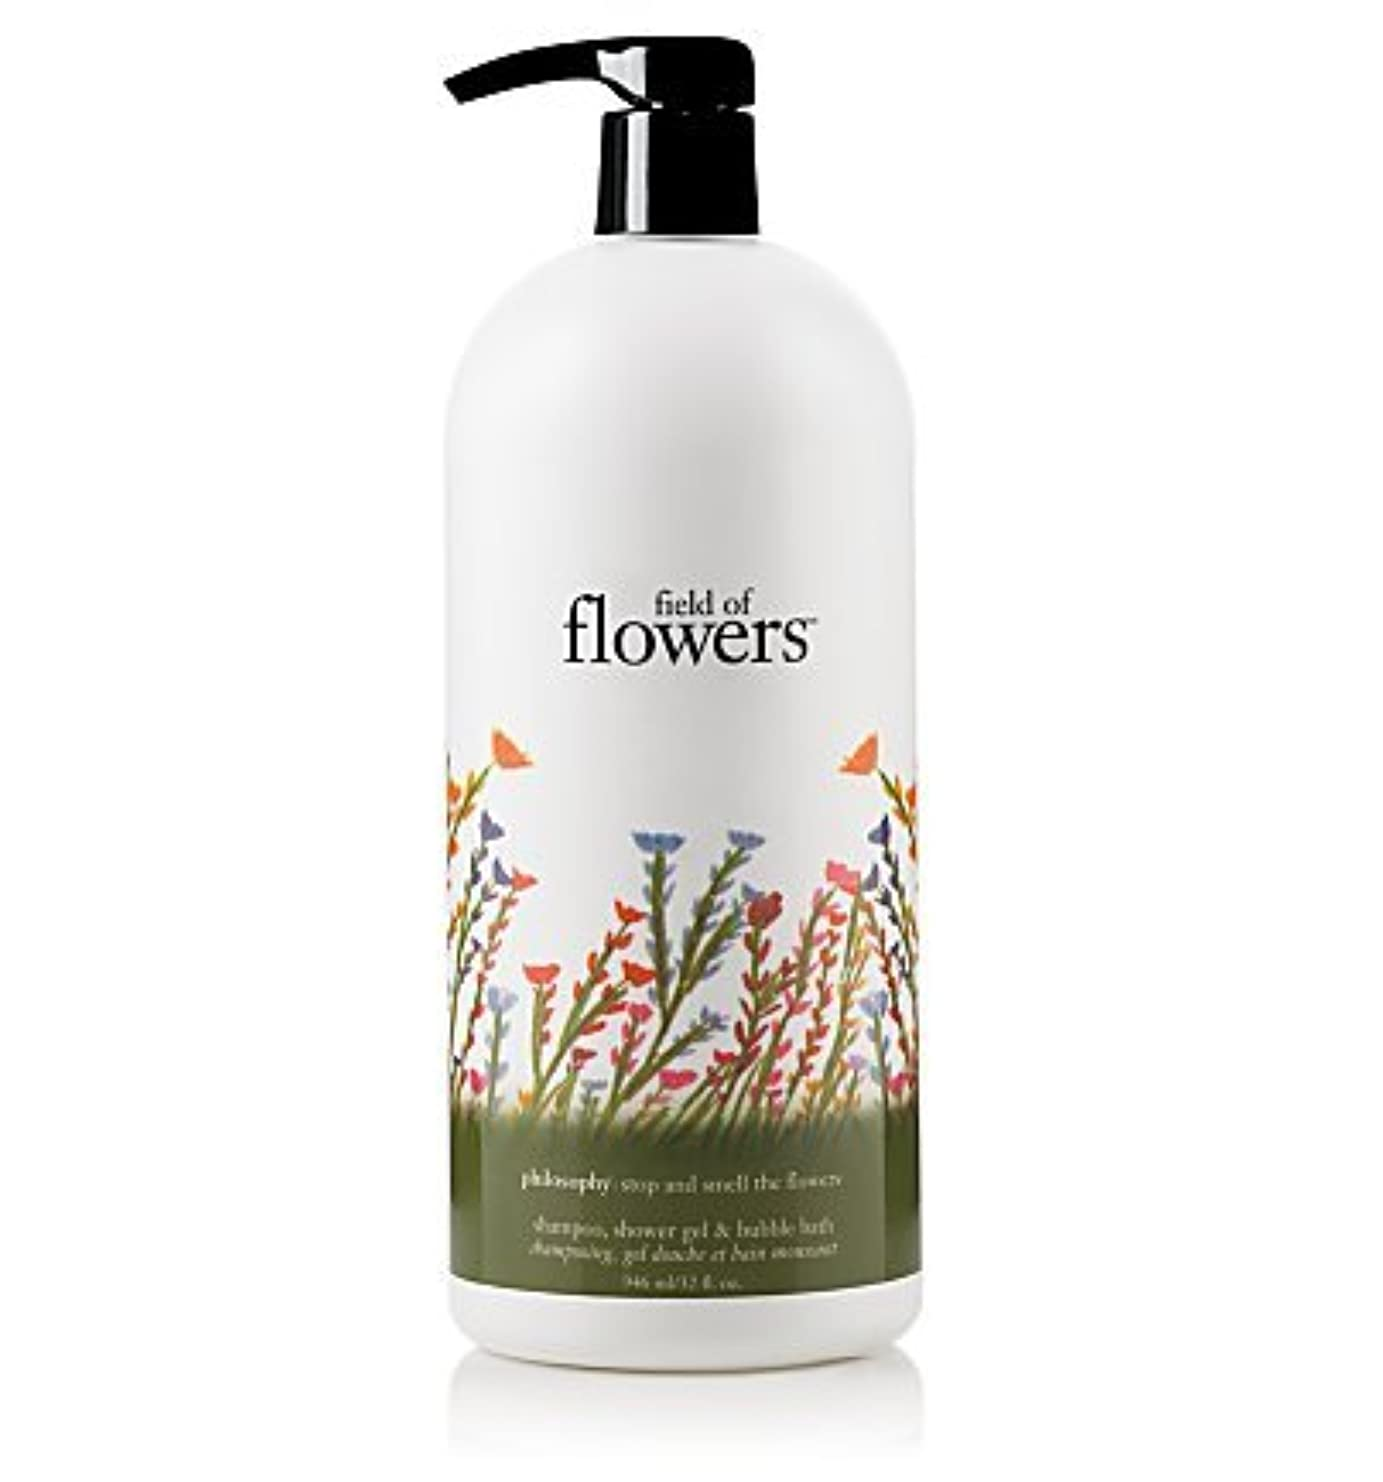 代わりにを立てる円形のコーナーfield of flowers (フィールド オブ フラワーズ) 32.0 oz (960ml) shampoo, shower gel & bubble bath for Women